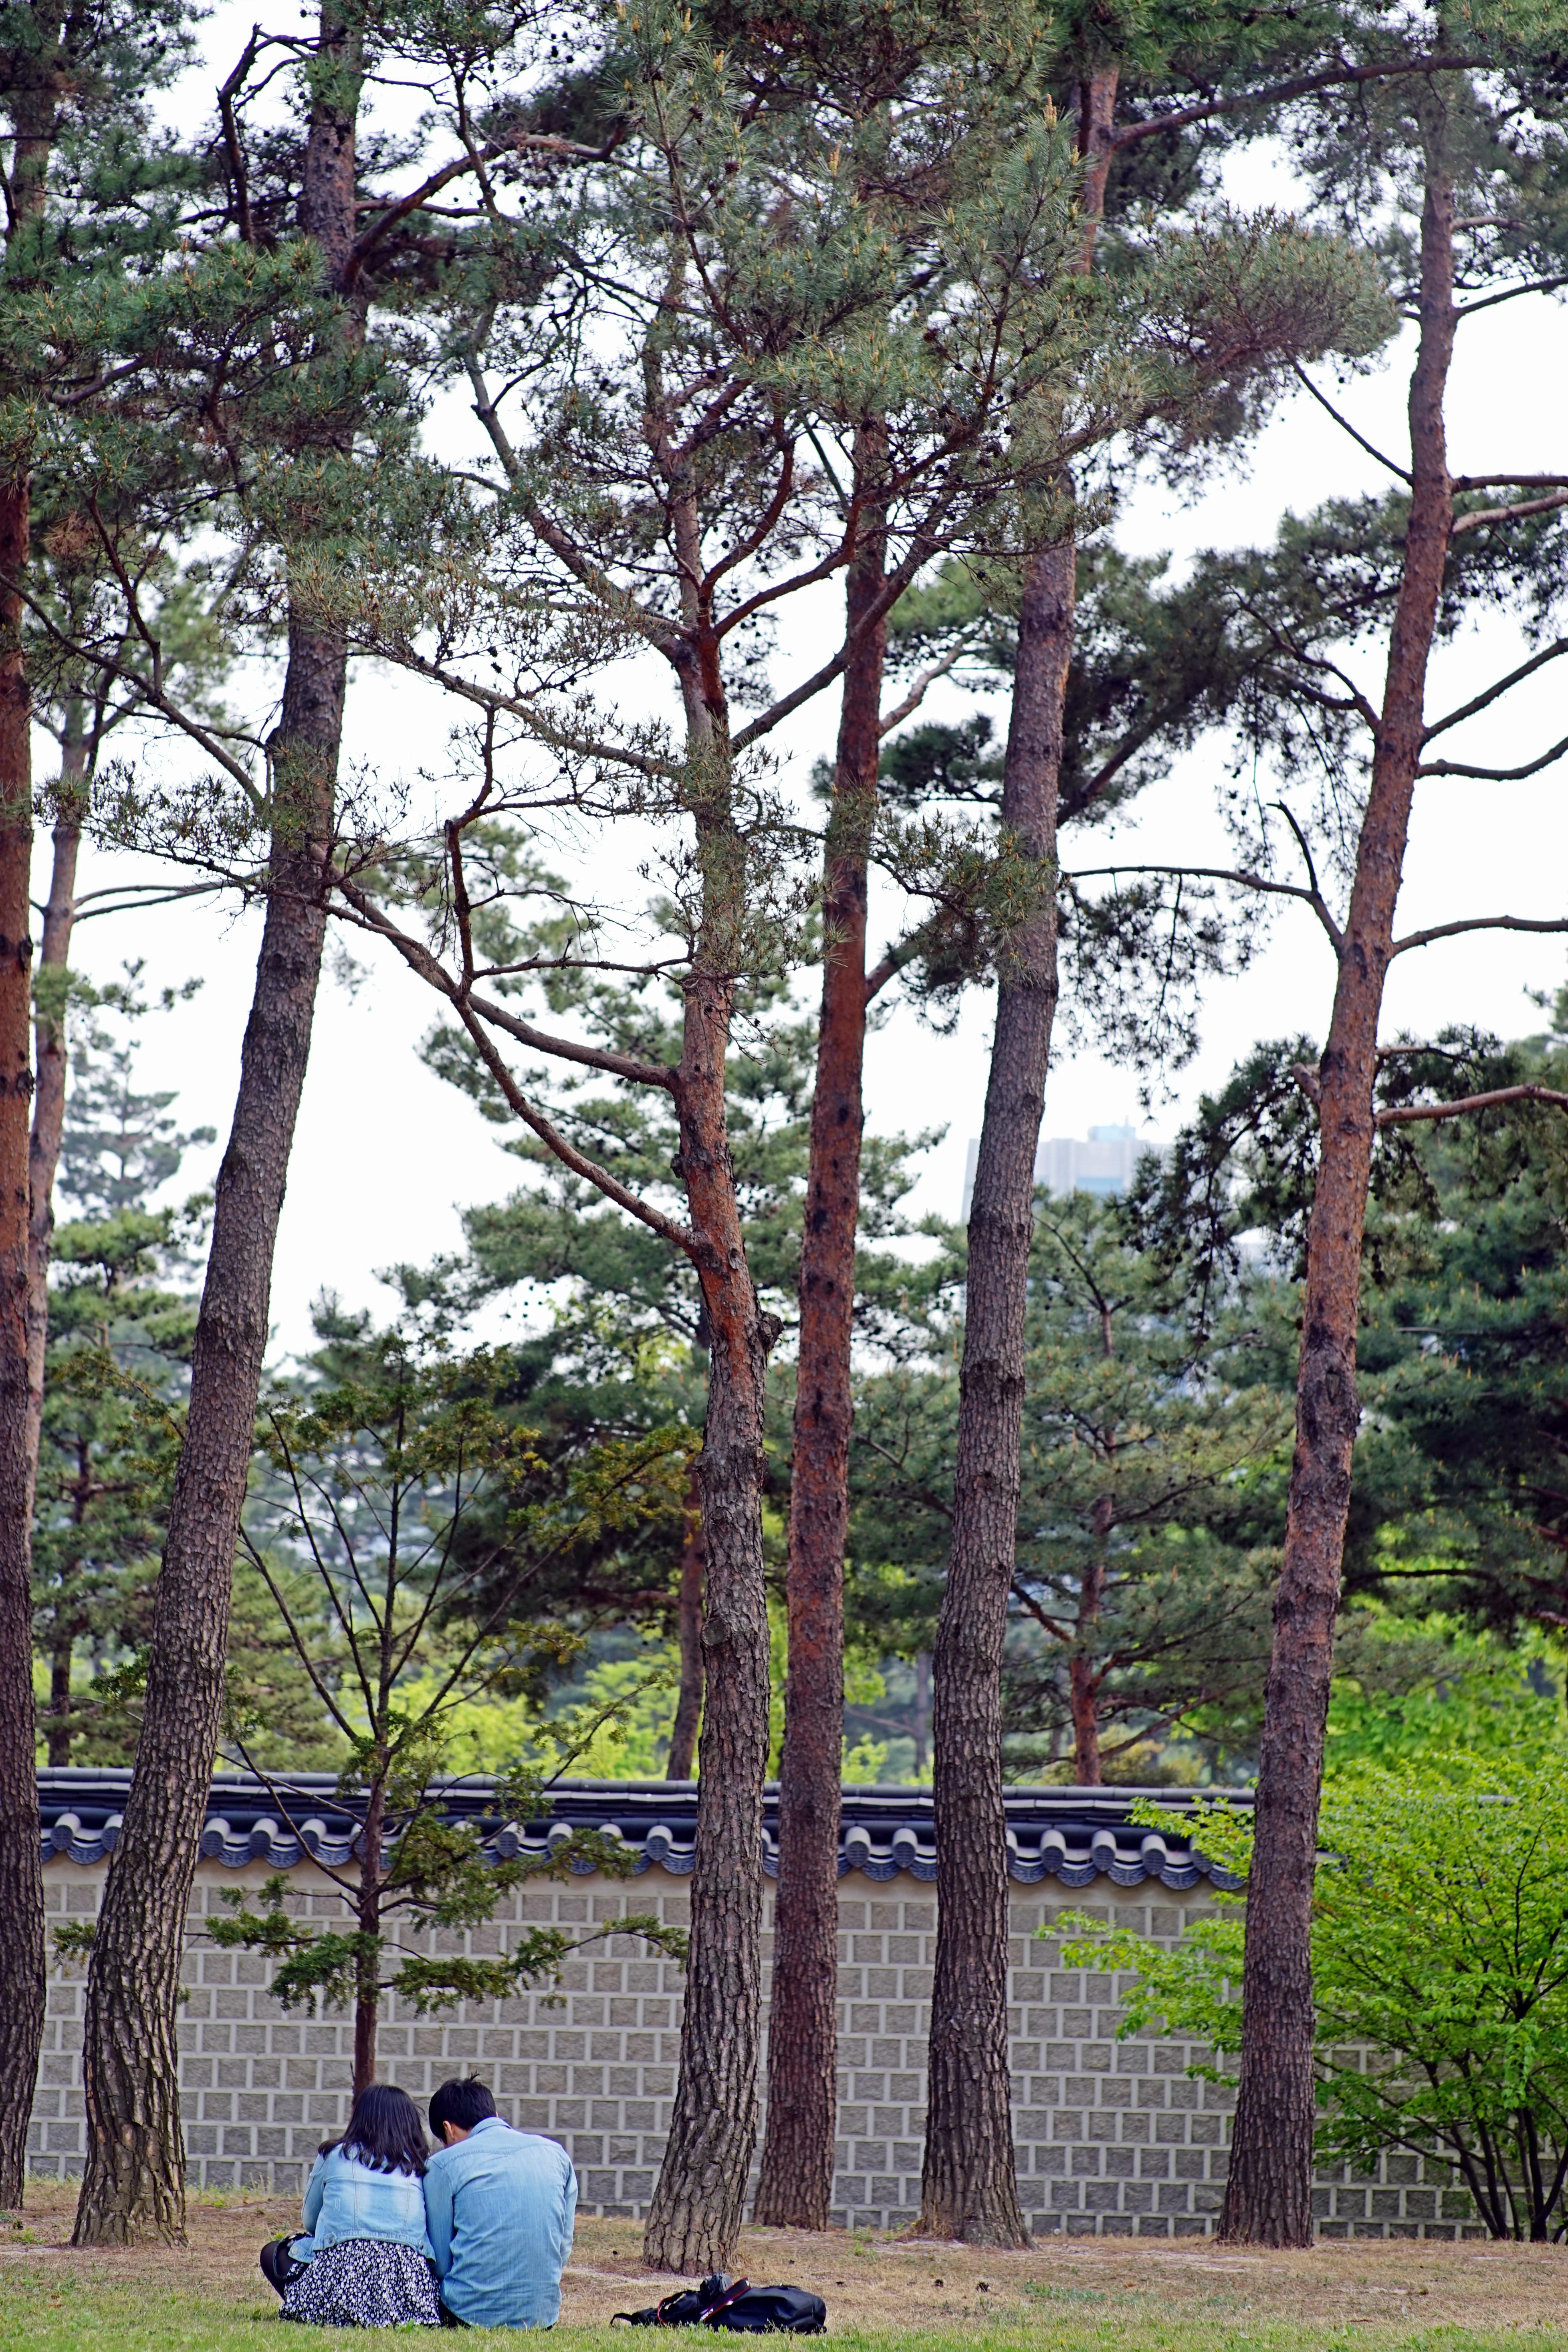 Baum Natur Pflanze Blume Park Landschaft Hinterhof Botanik Garten Liebhaber  Unterbrechung Paar Wald Garten Gyeongbok Palast